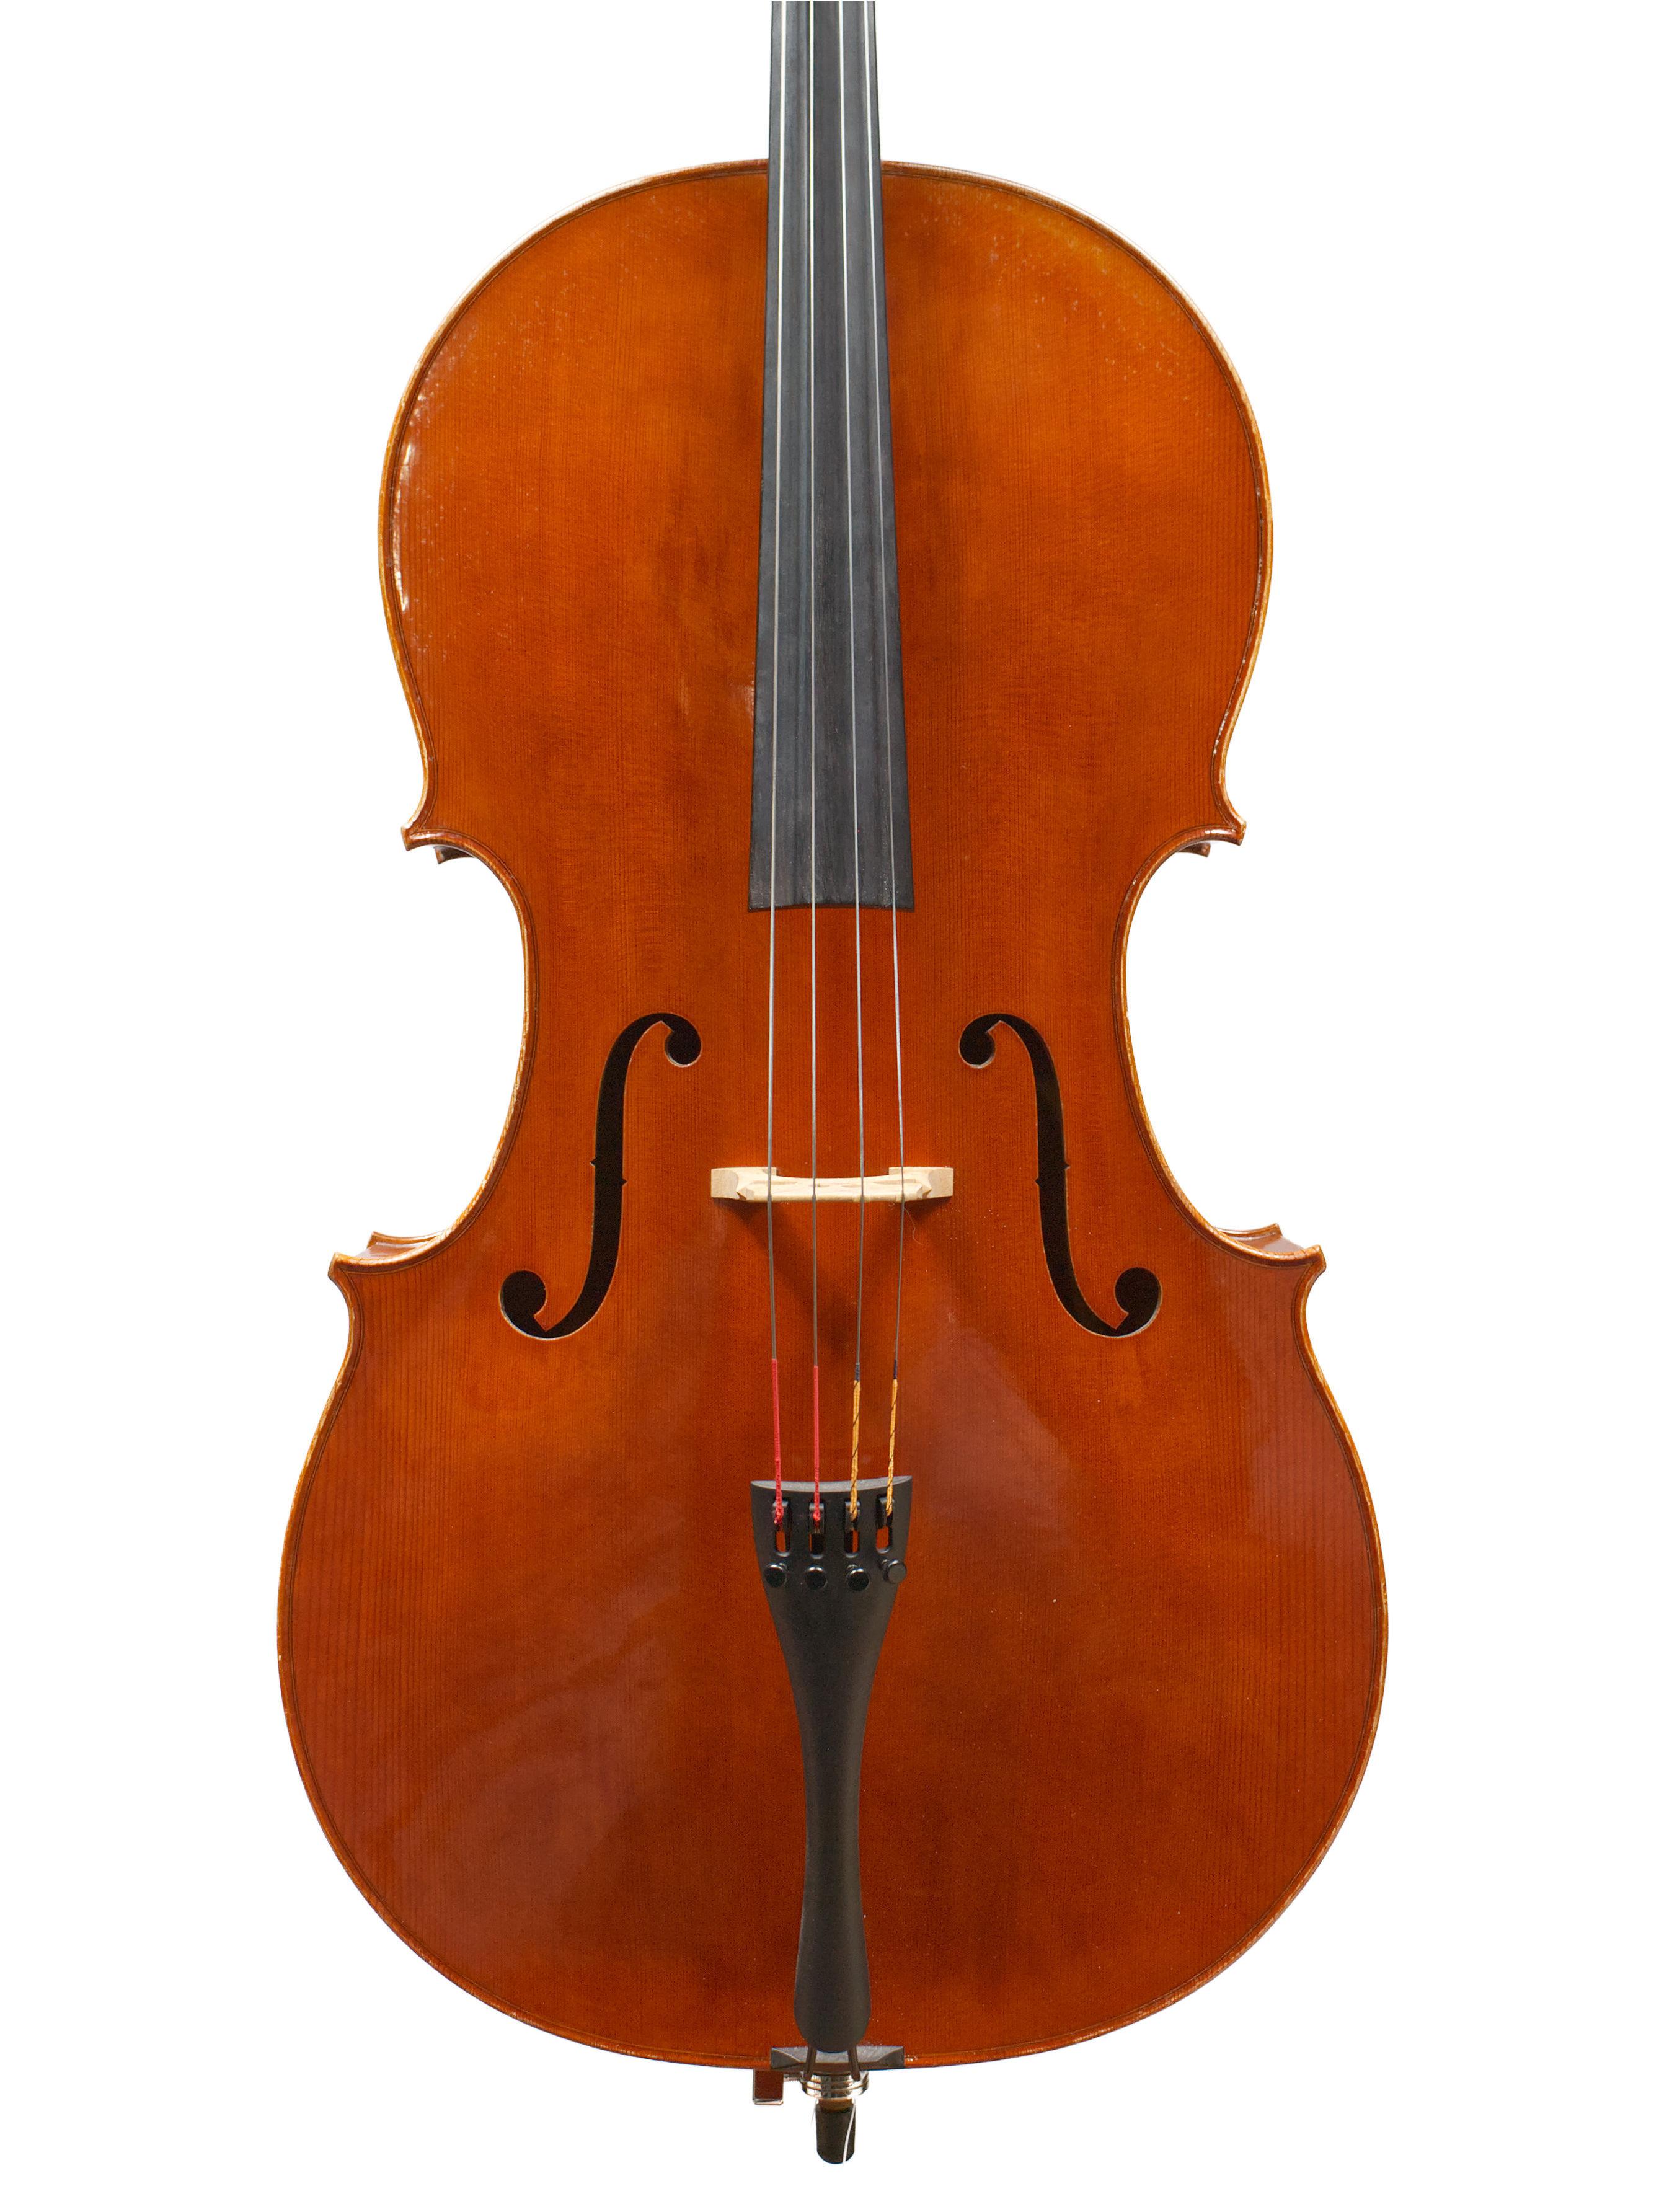 Cello by Matthias von Wallbrunn, 2011